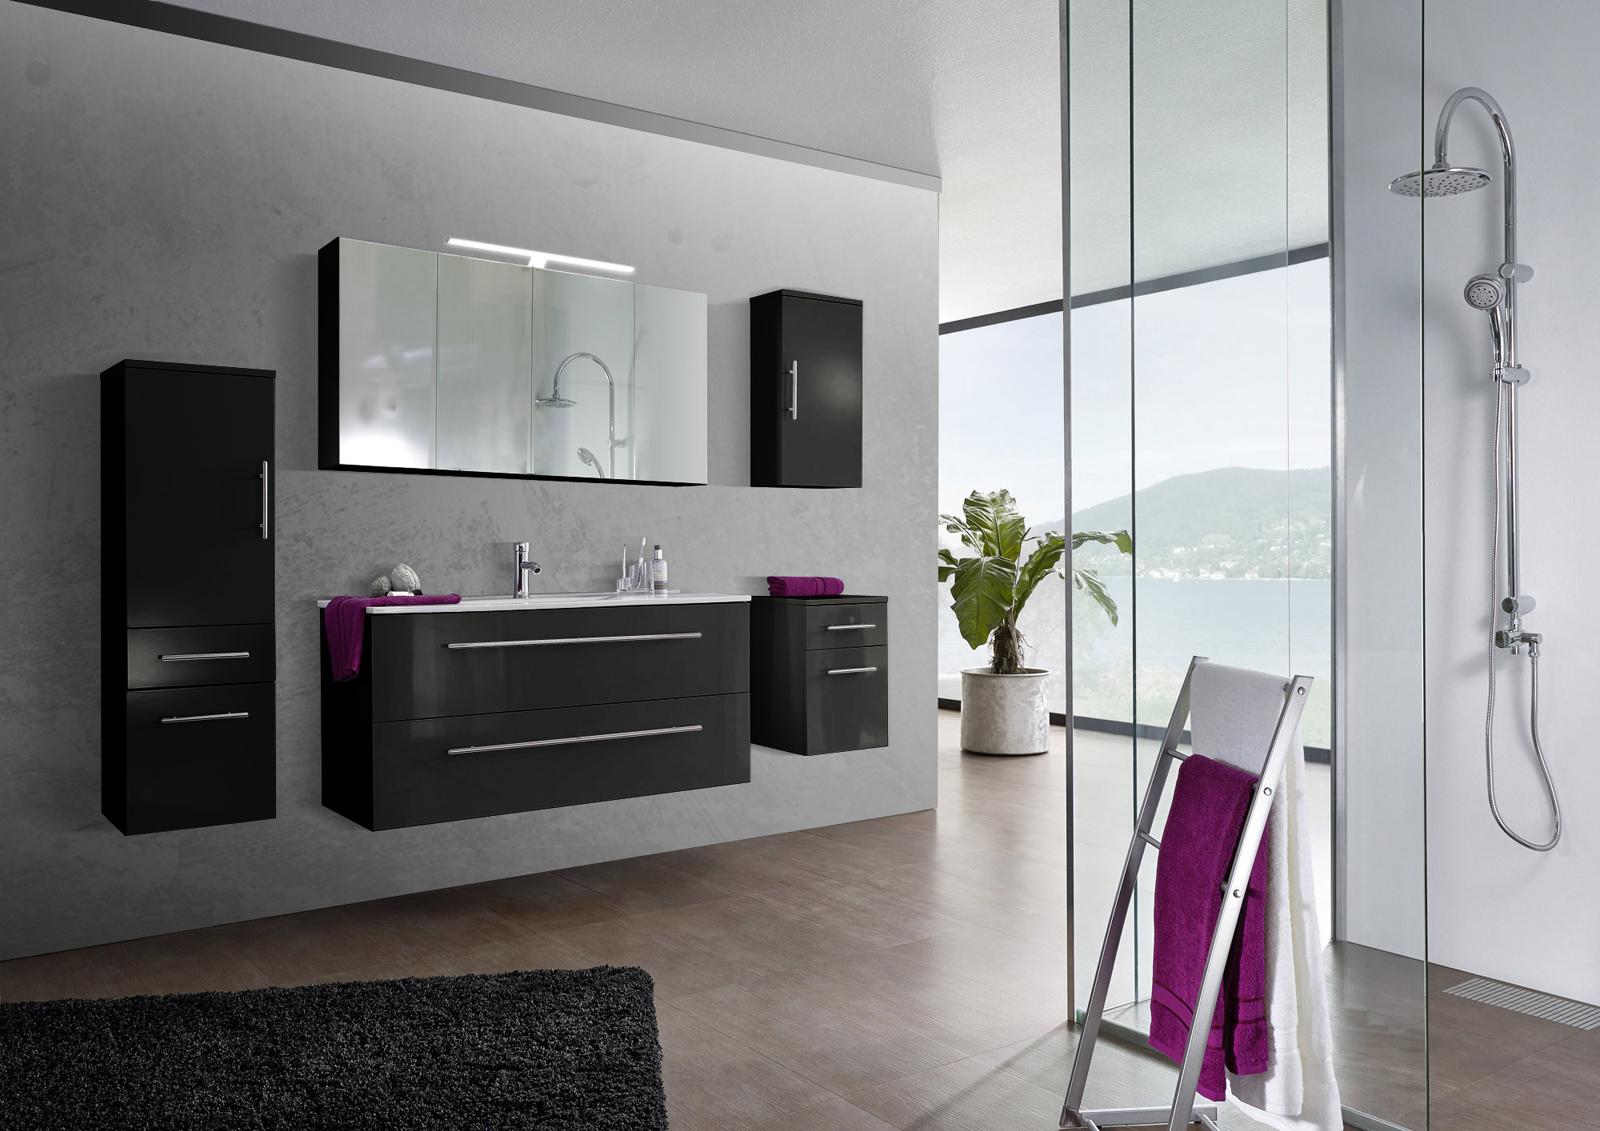 SAM® 5tlg. Badezimmer Set Spiegelschrank schwarz 120 cm Verena ...